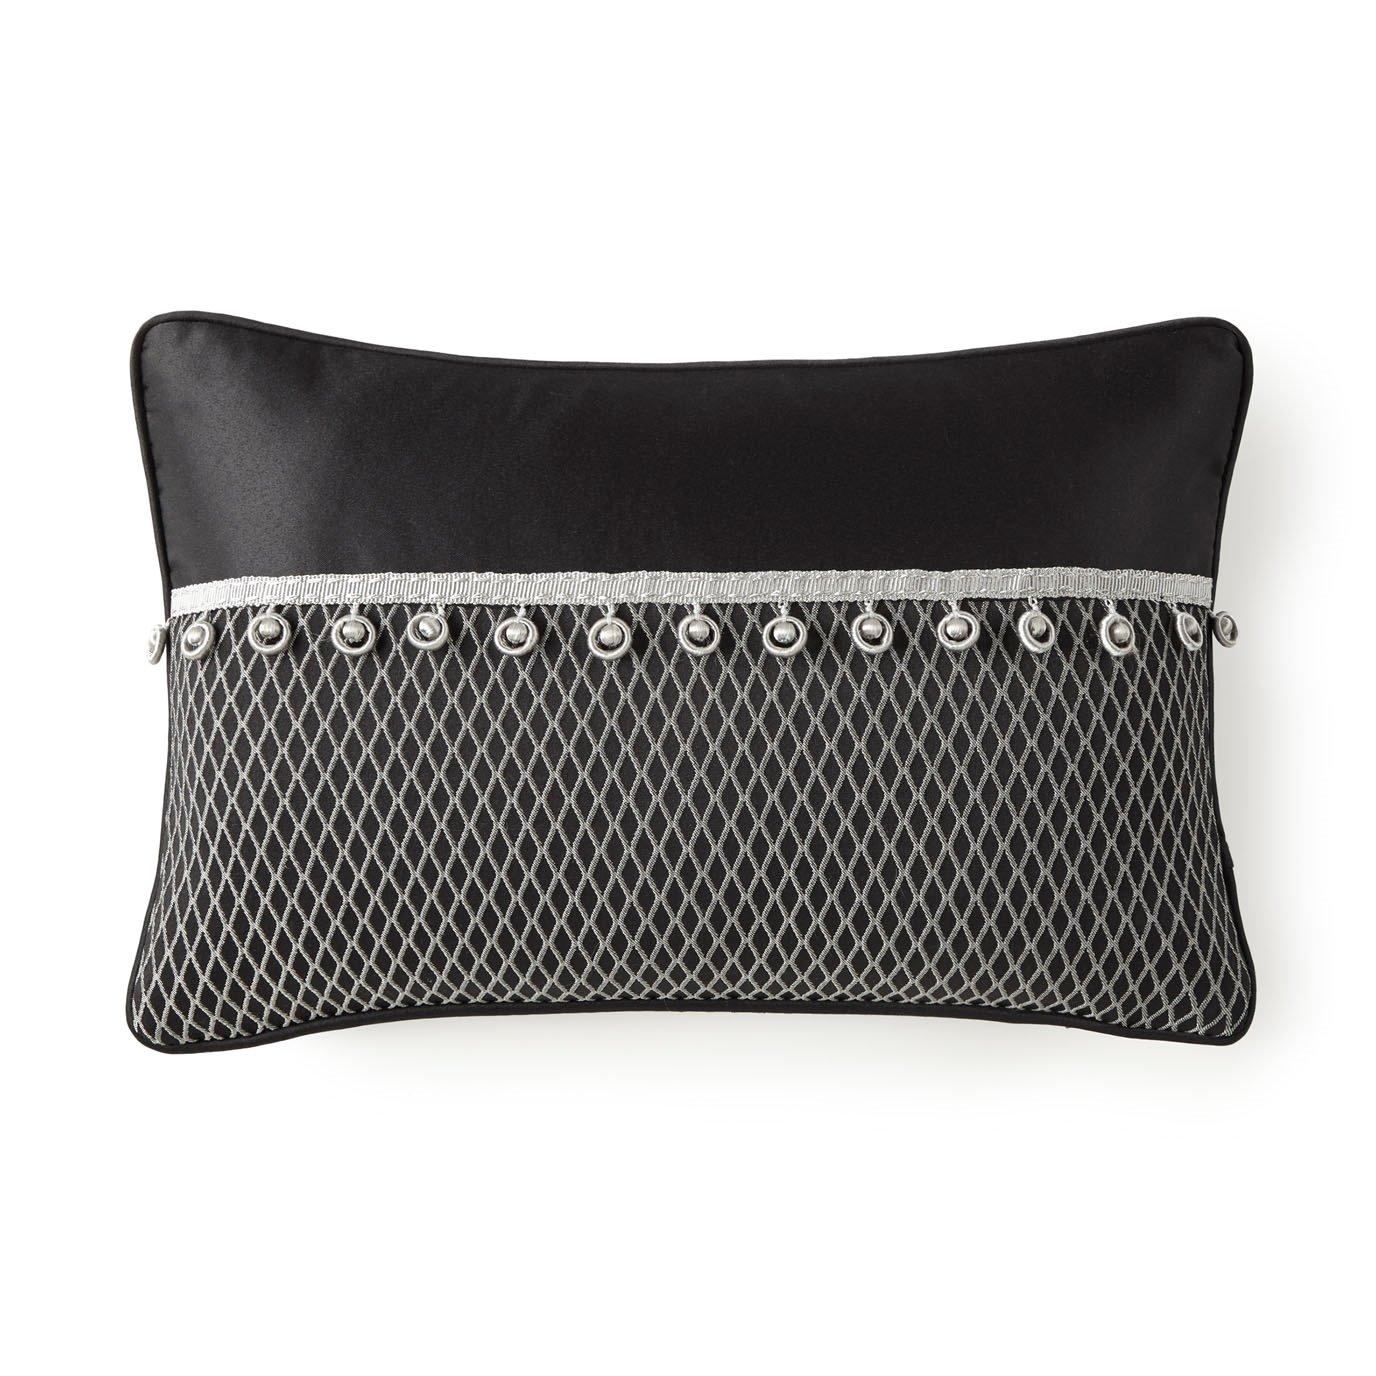 Valencia 12X18 Pillow